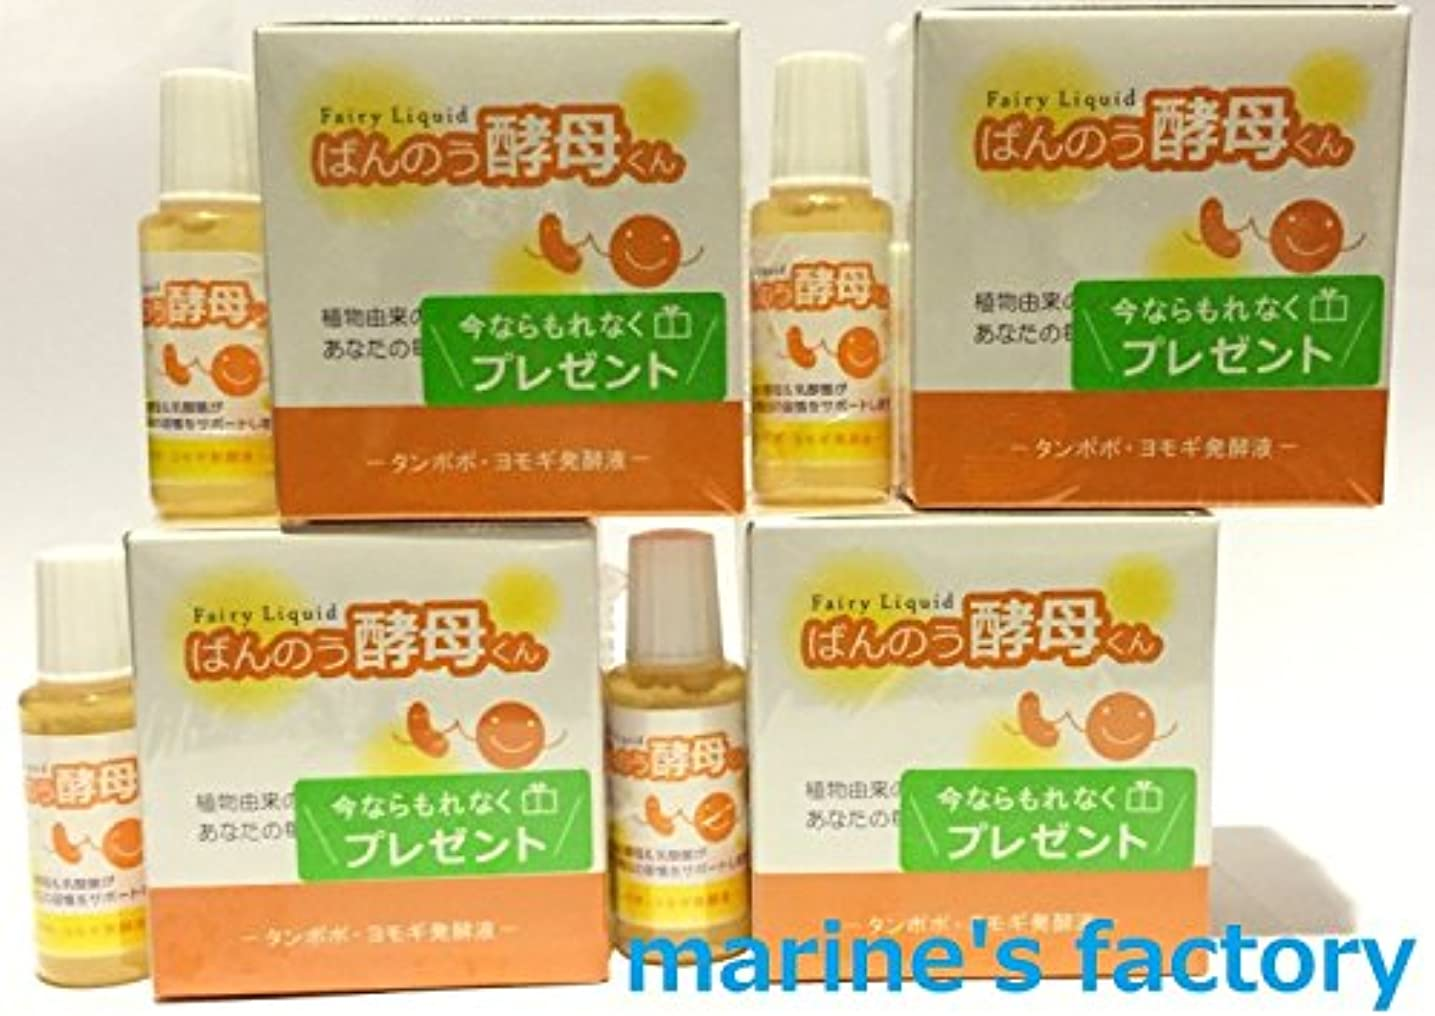 雰囲気ポーンアンプ4箱 (計28本) アーデンモア ばんのう酵母くん ホットAセット